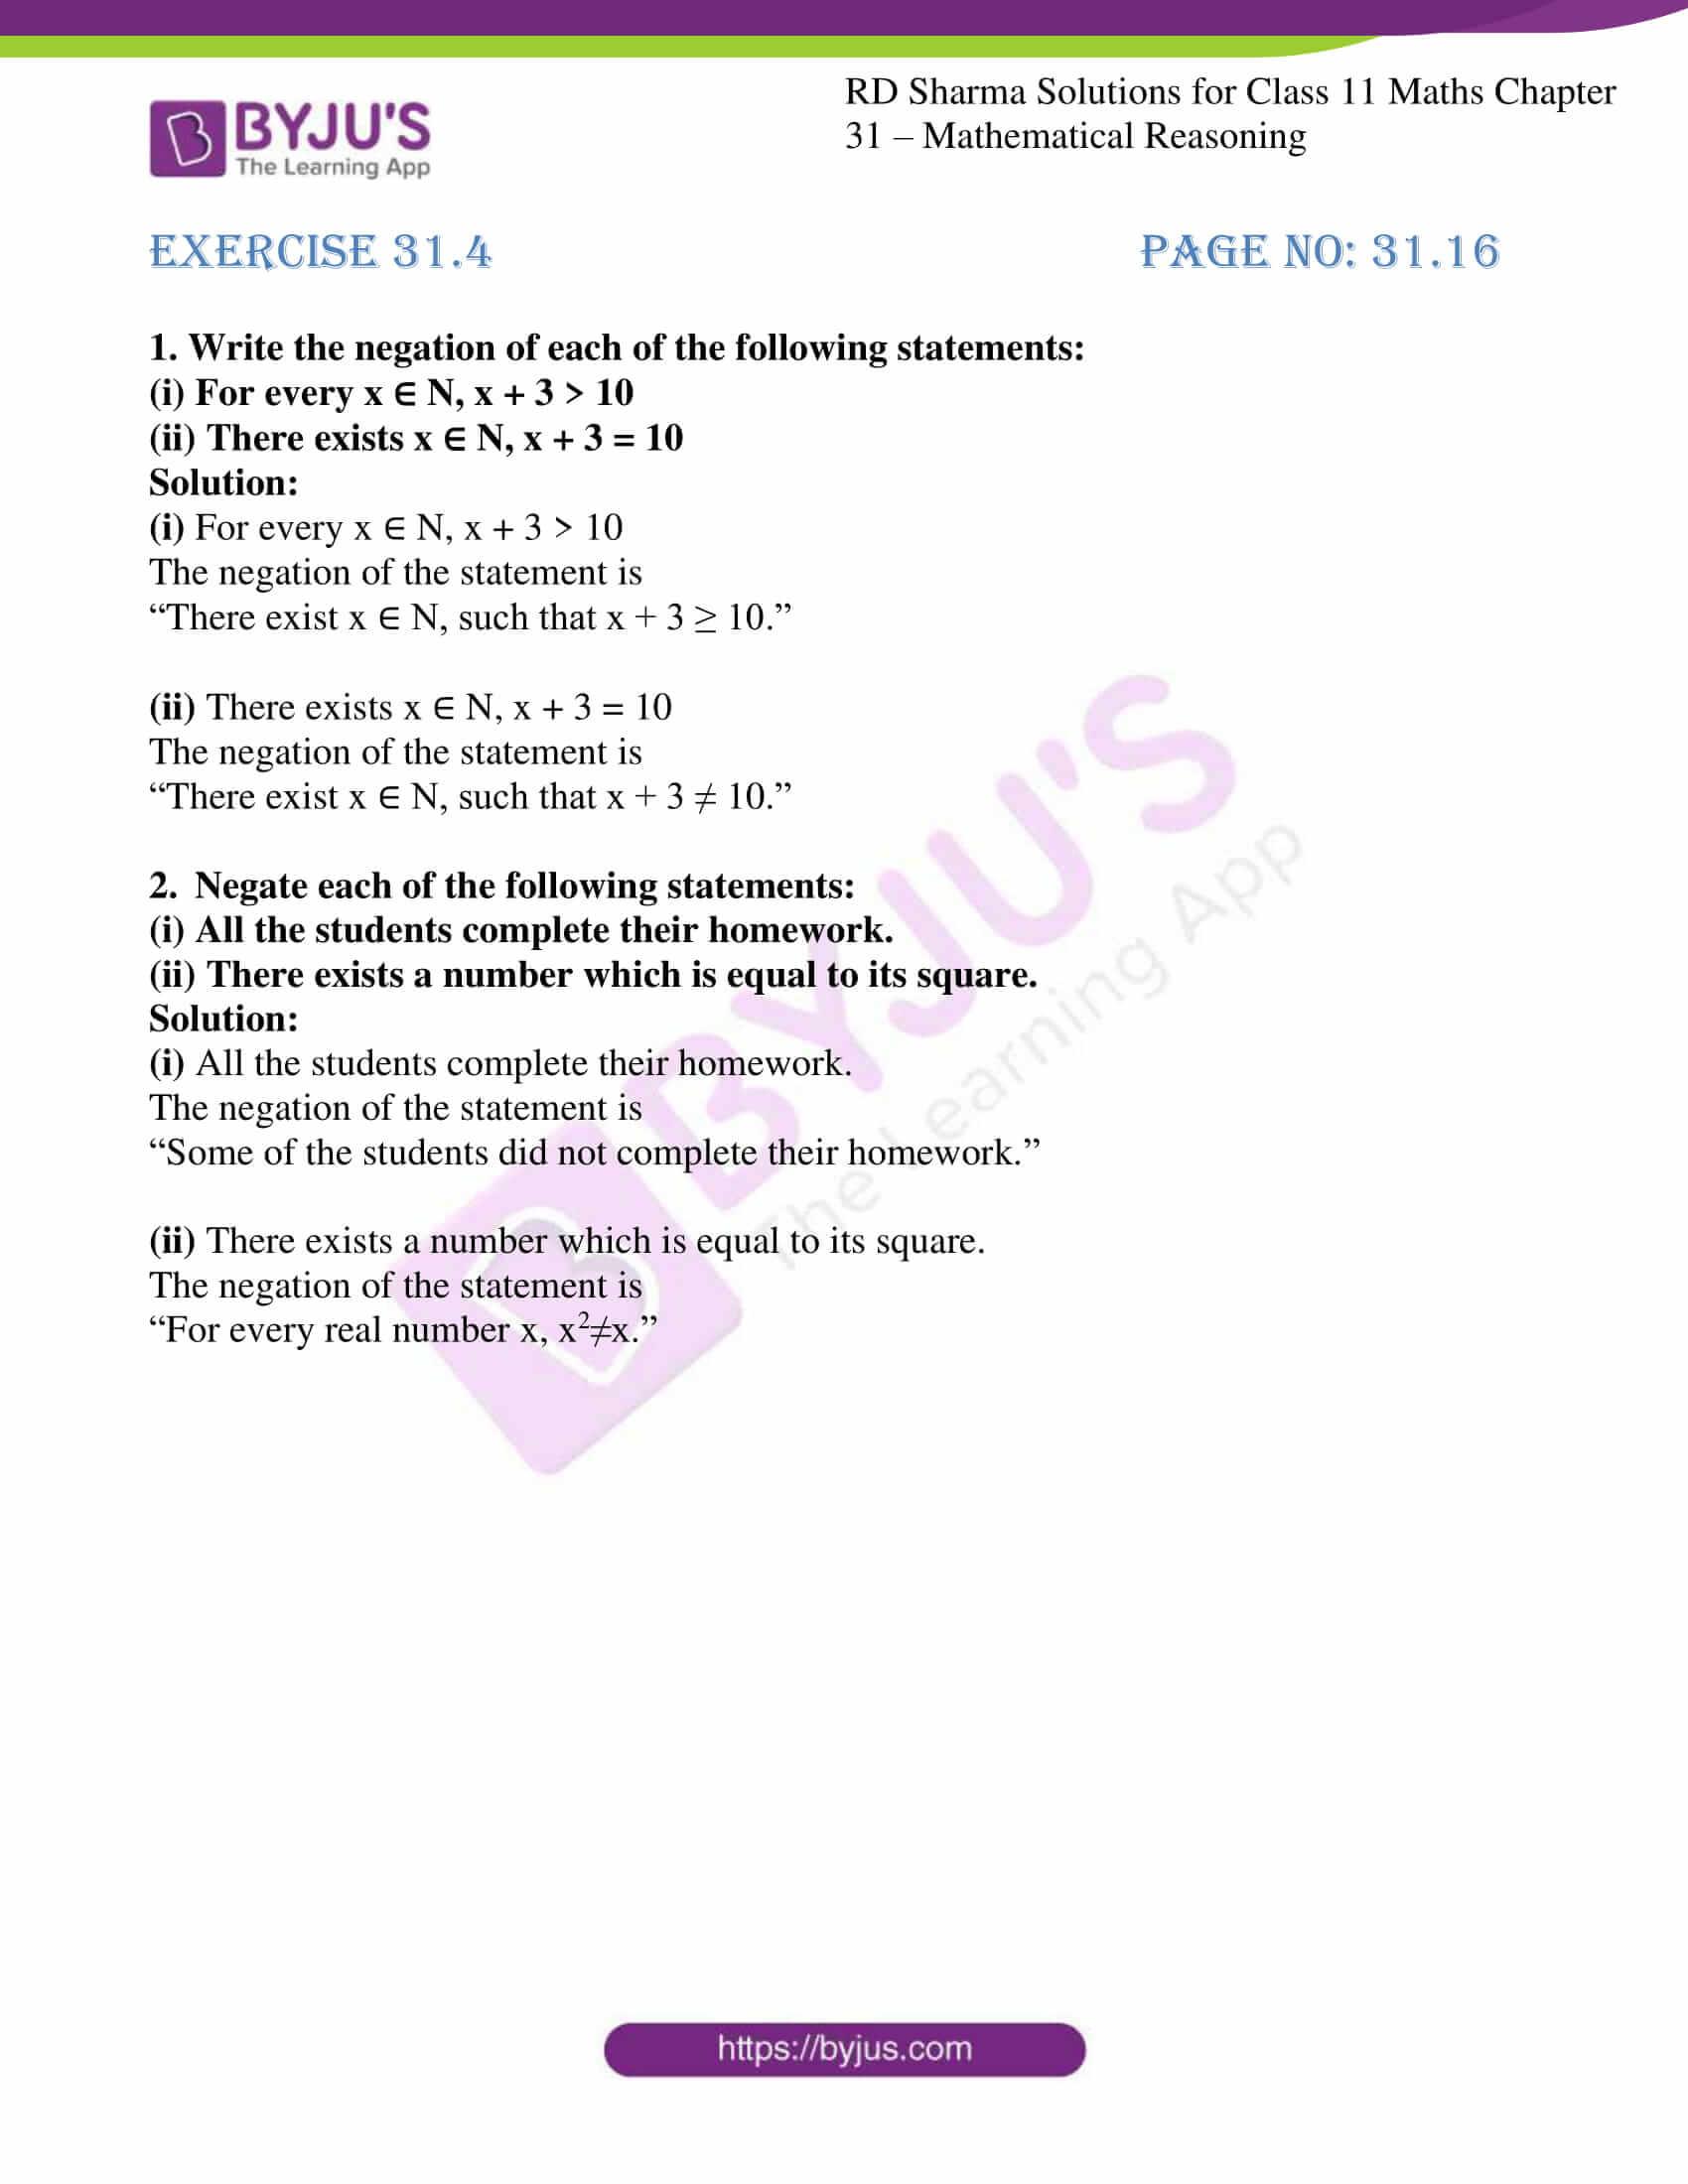 rd sharma class 11 maths chapter 31 ex 4 1